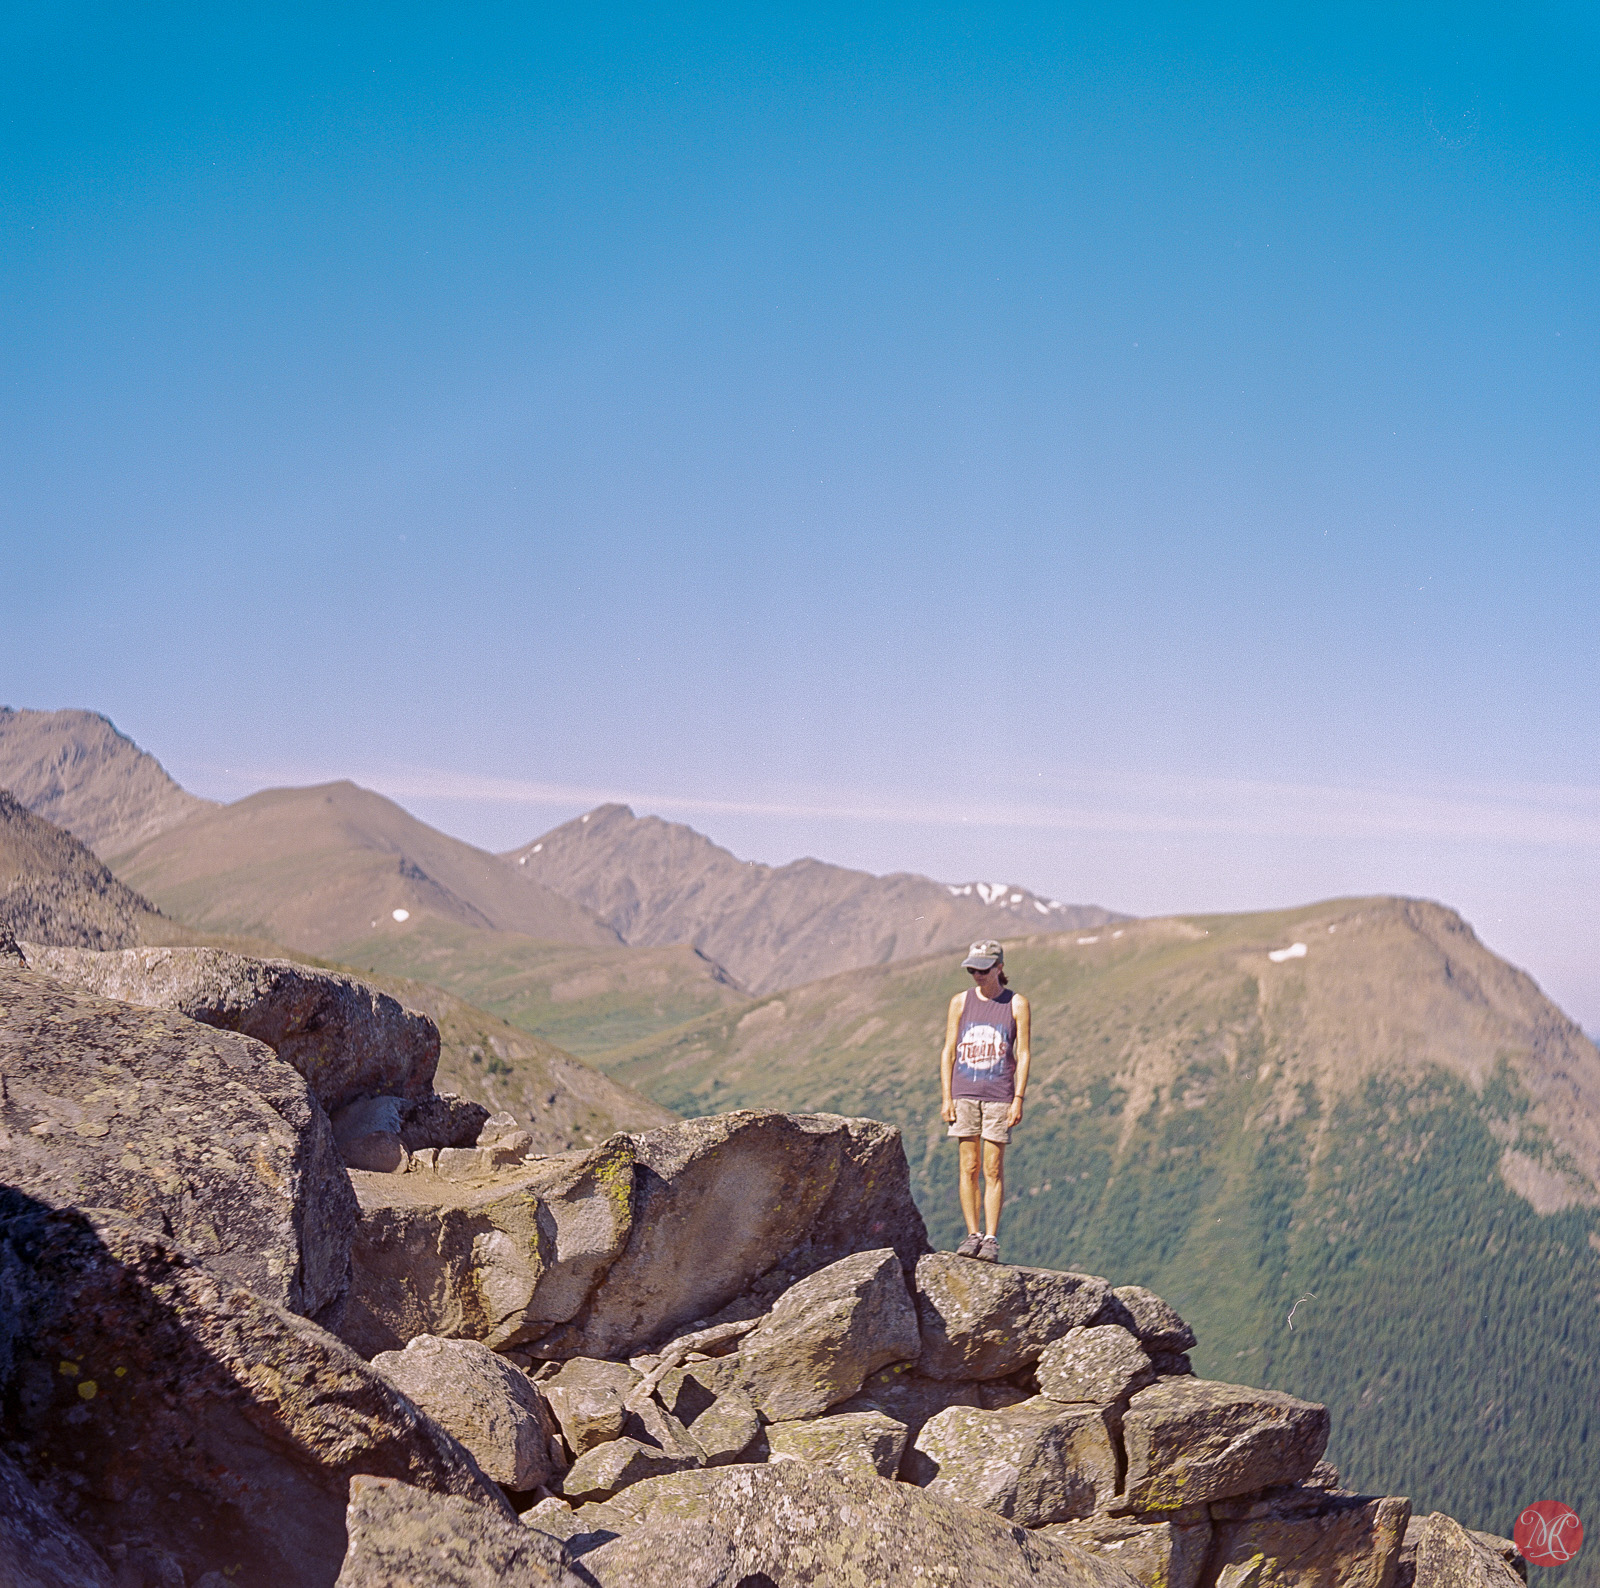 14 whistler mountain jasper.jpg